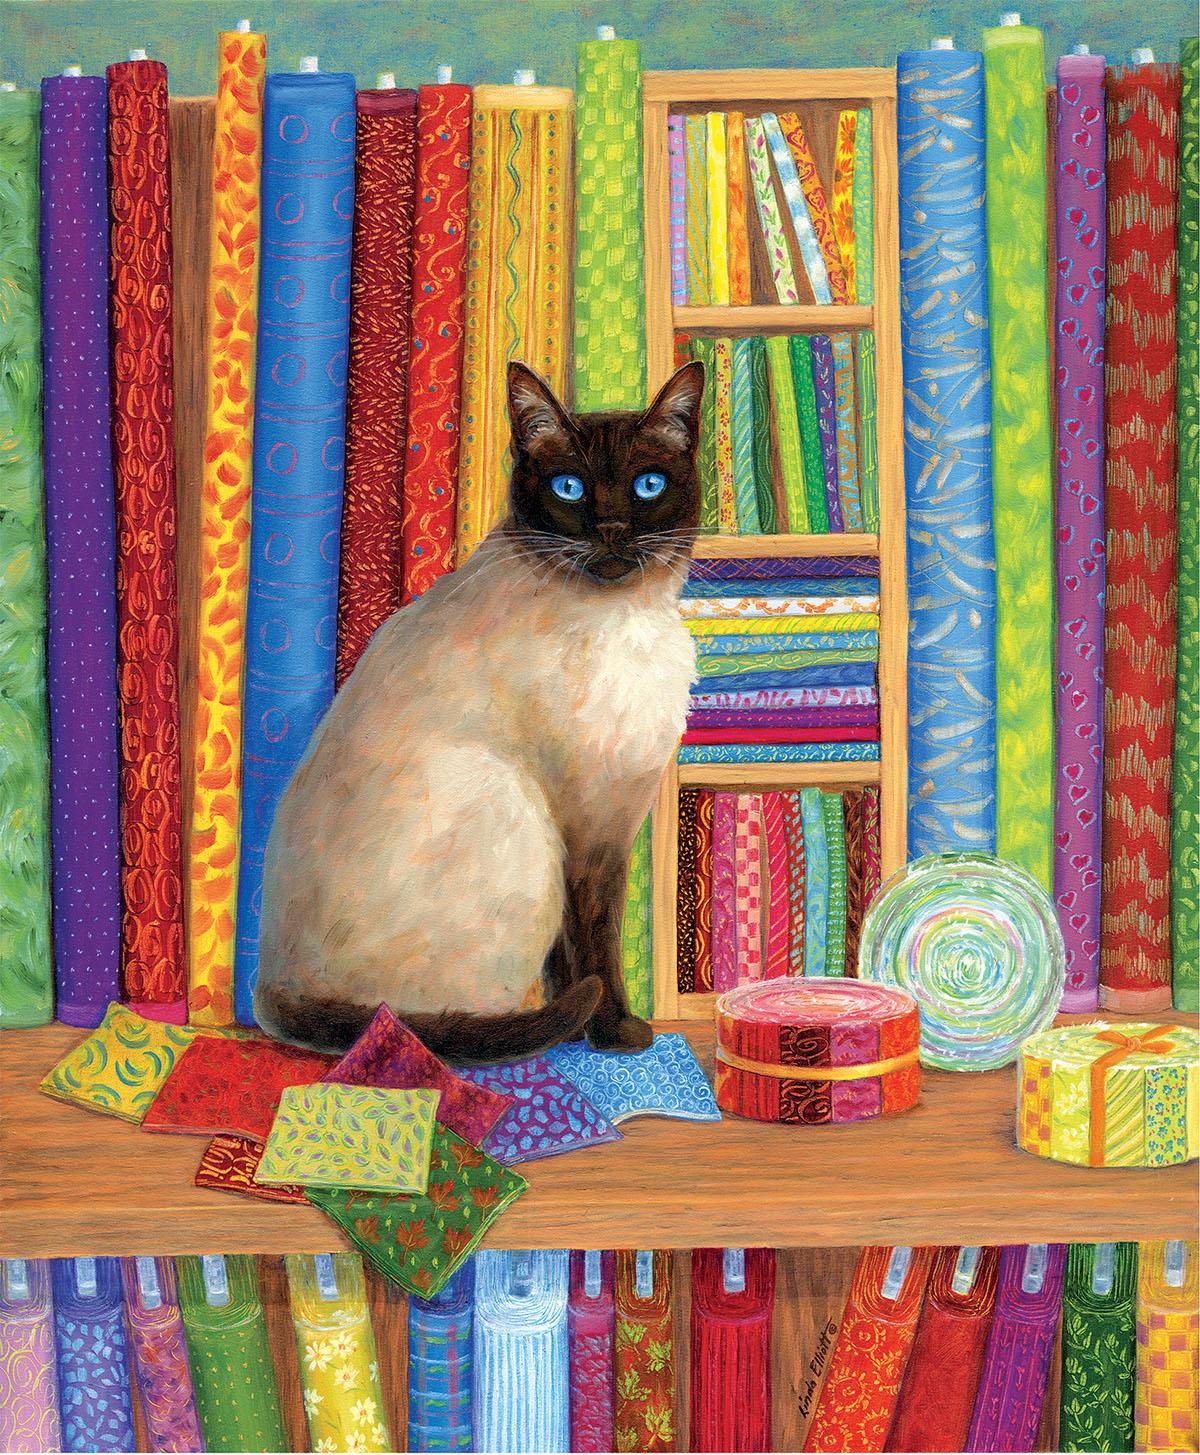 Quilt Shop Cat Crafts & Textile Arts Jigsaw Puzzle